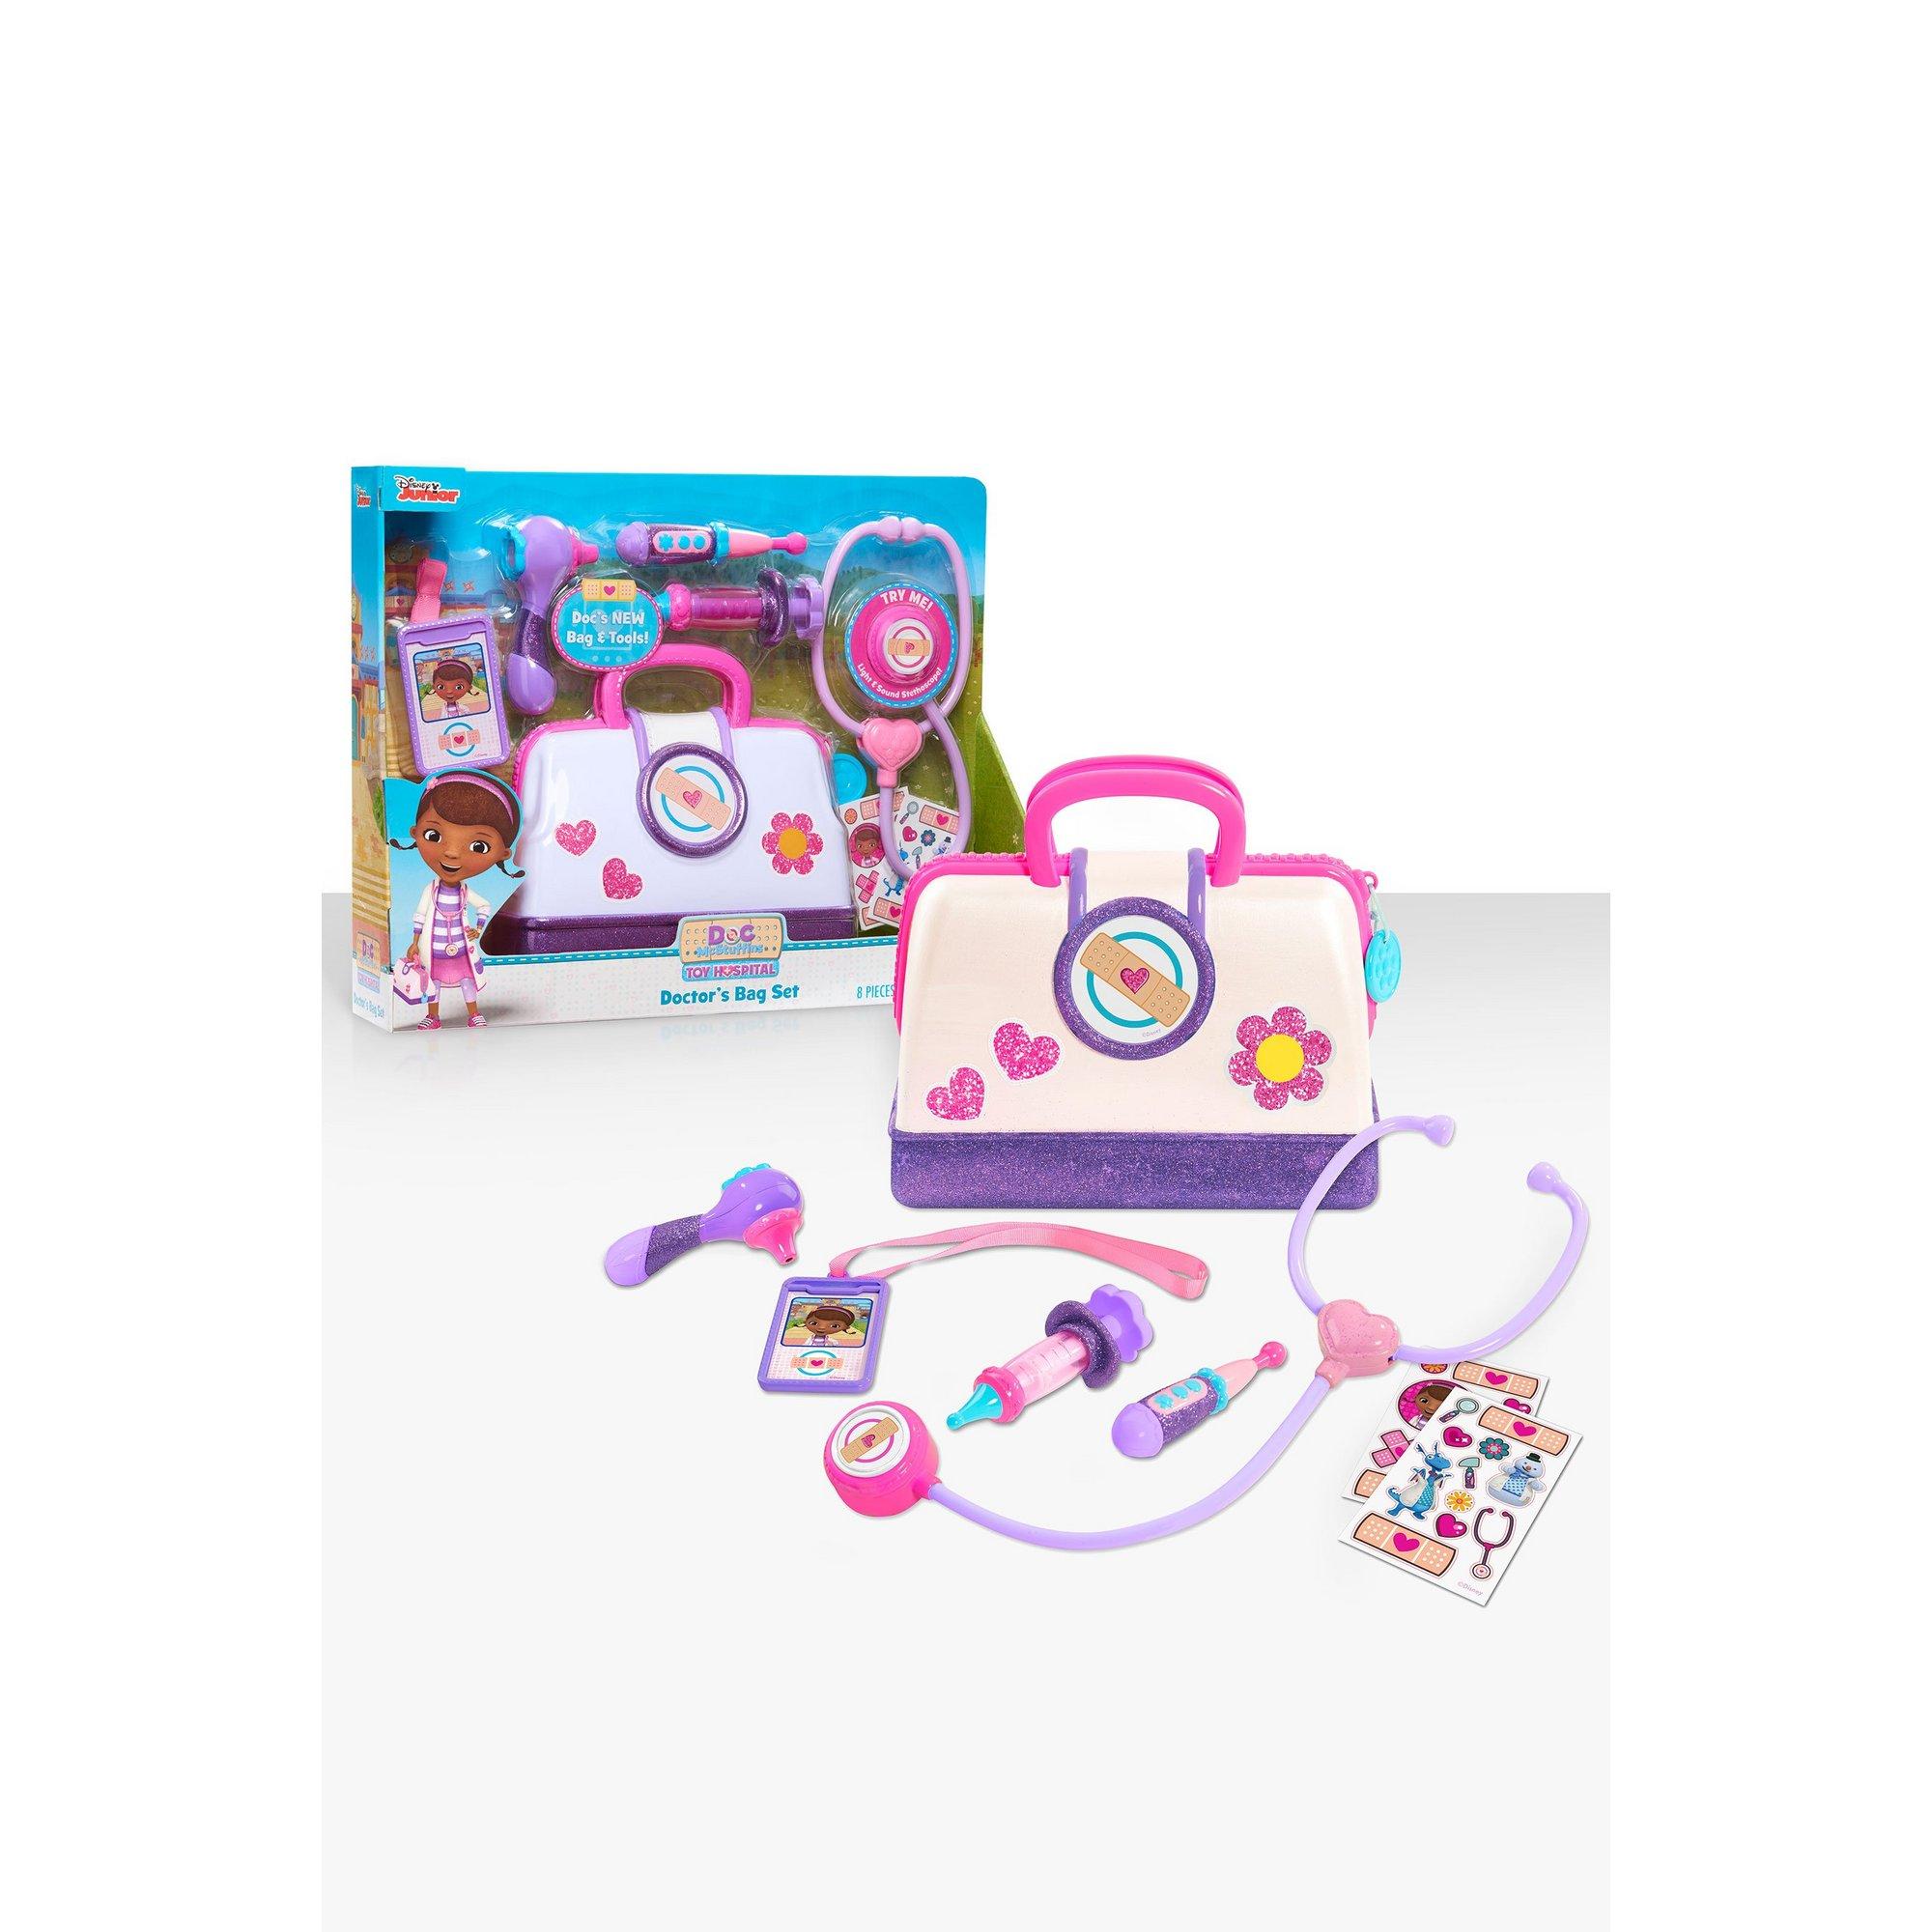 Image of Doc McStuffins Toy Hospital Doctors Bag Set